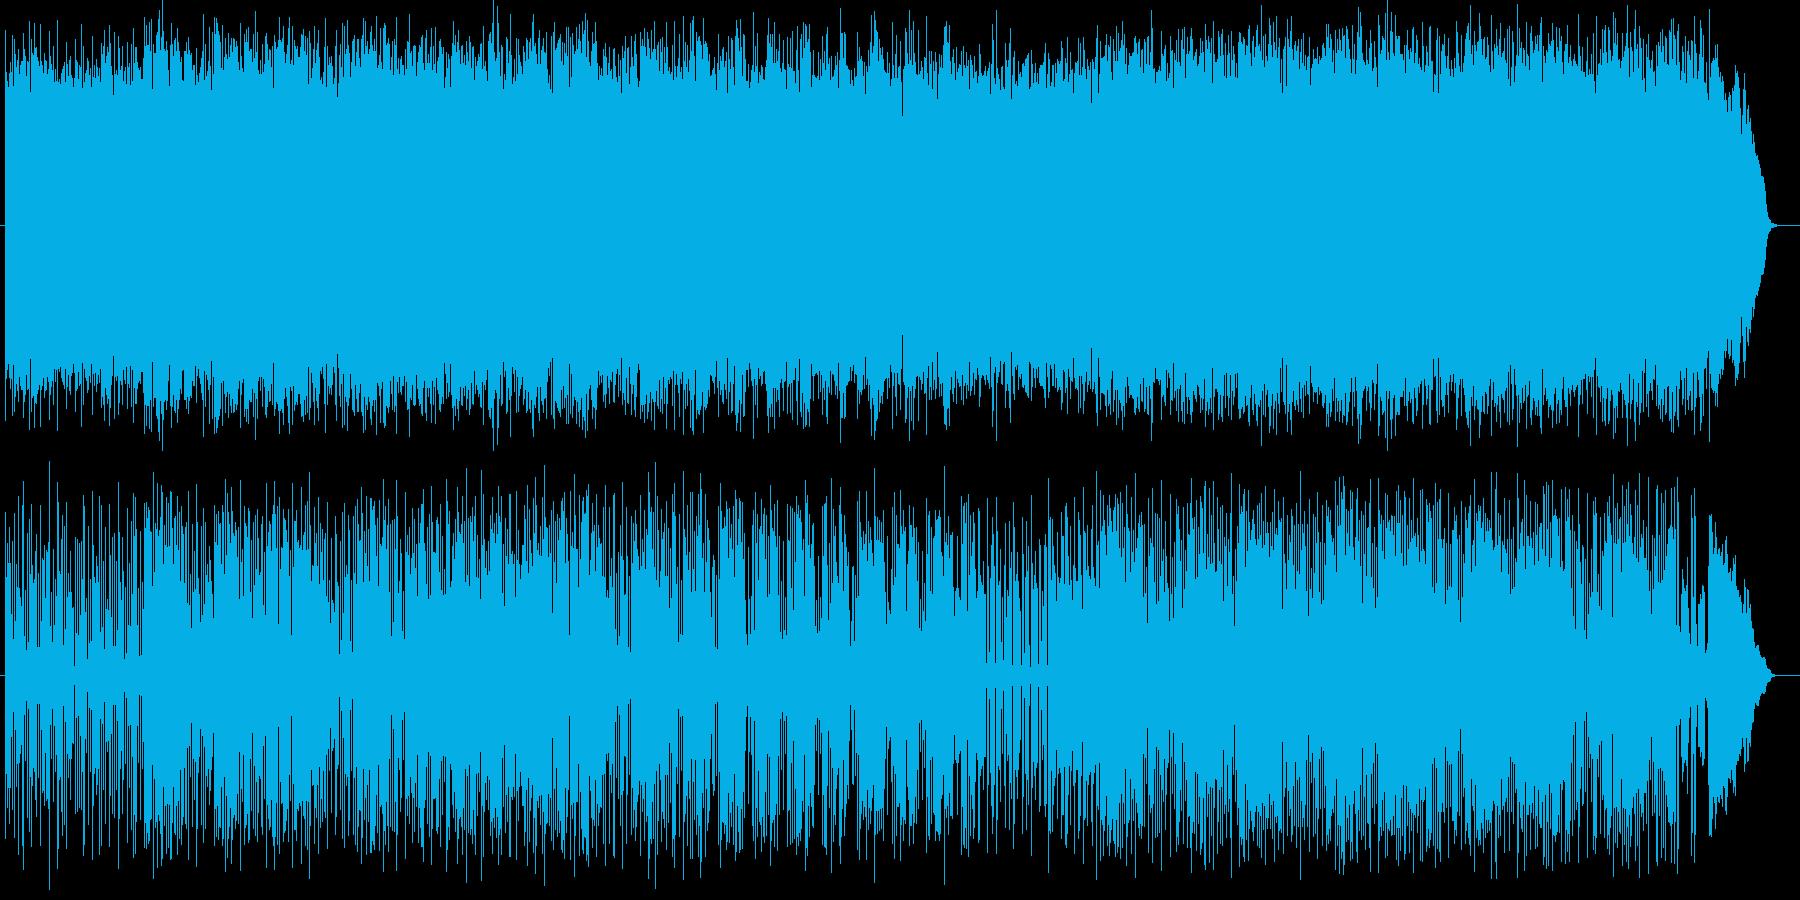 クールな疾走感のあるロックの再生済みの波形